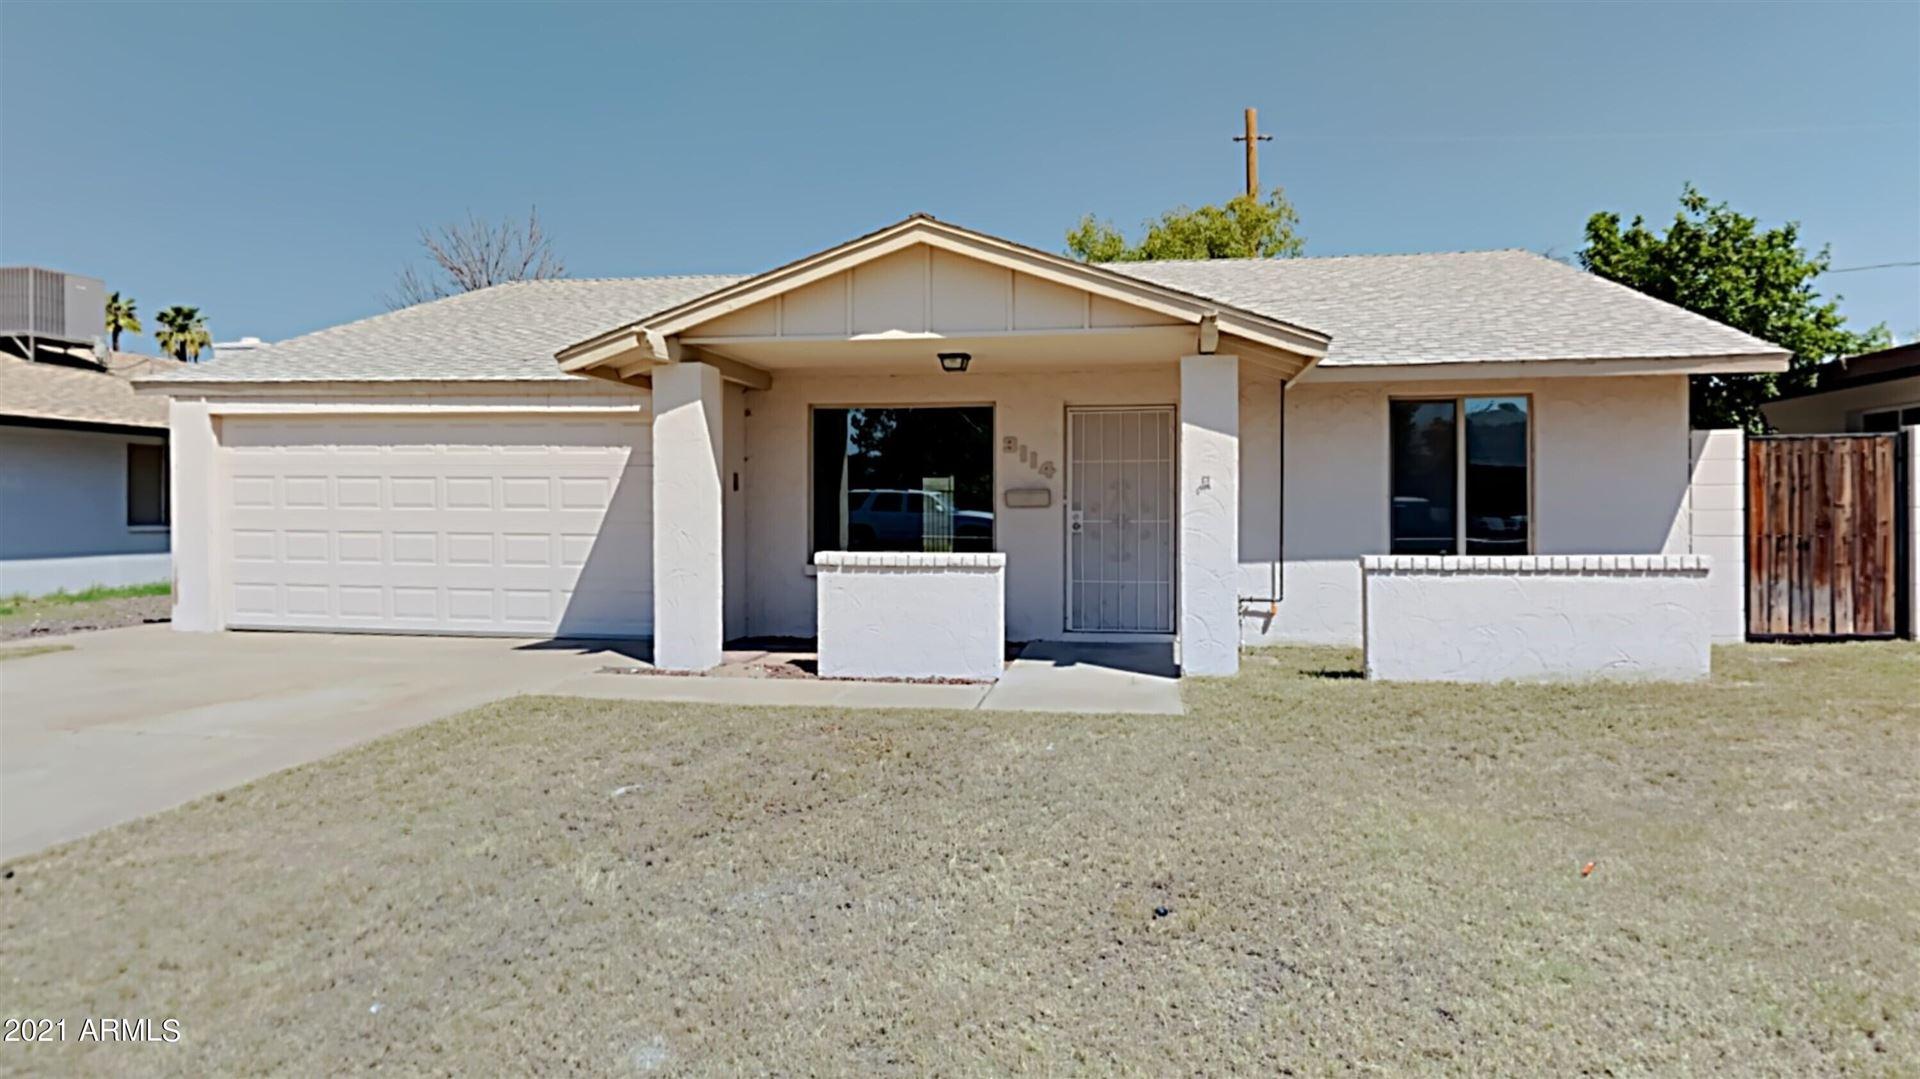 3114 W LISBON Lane, Phoenix, AZ 85053 - MLS#: 6292614